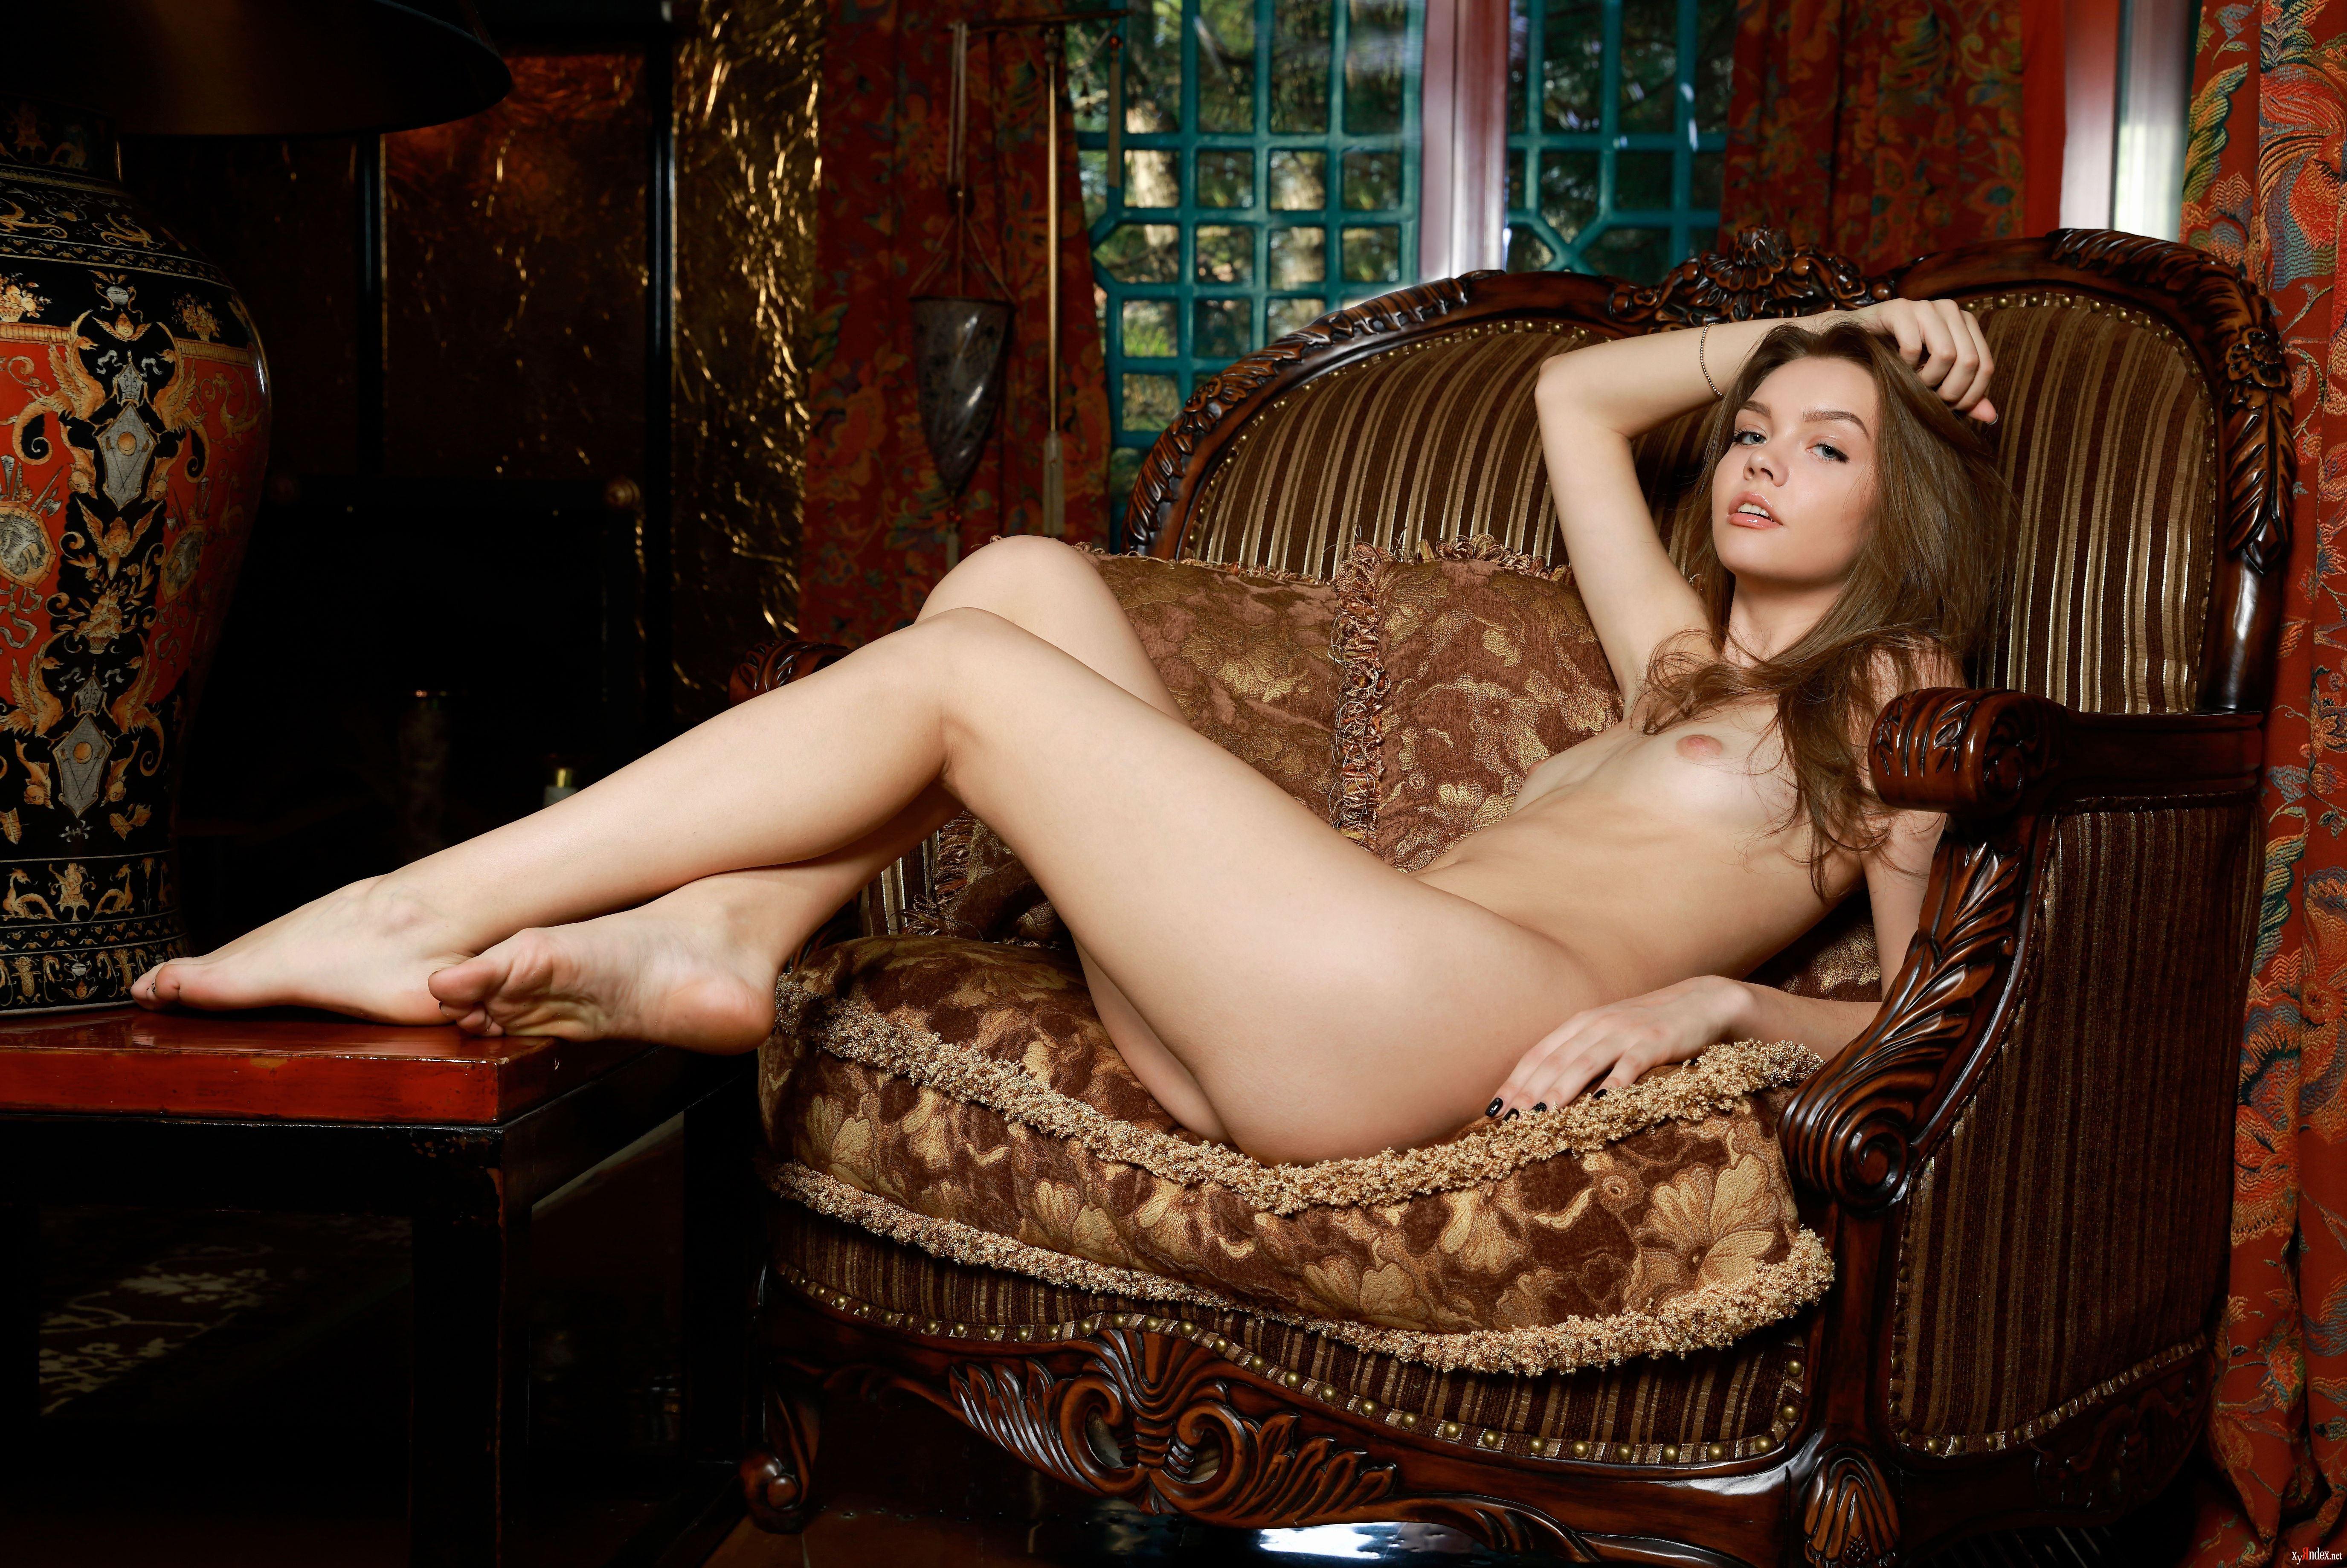 Naughty Milf Tamara Lee Gets Nailed In Her Wet Cunt